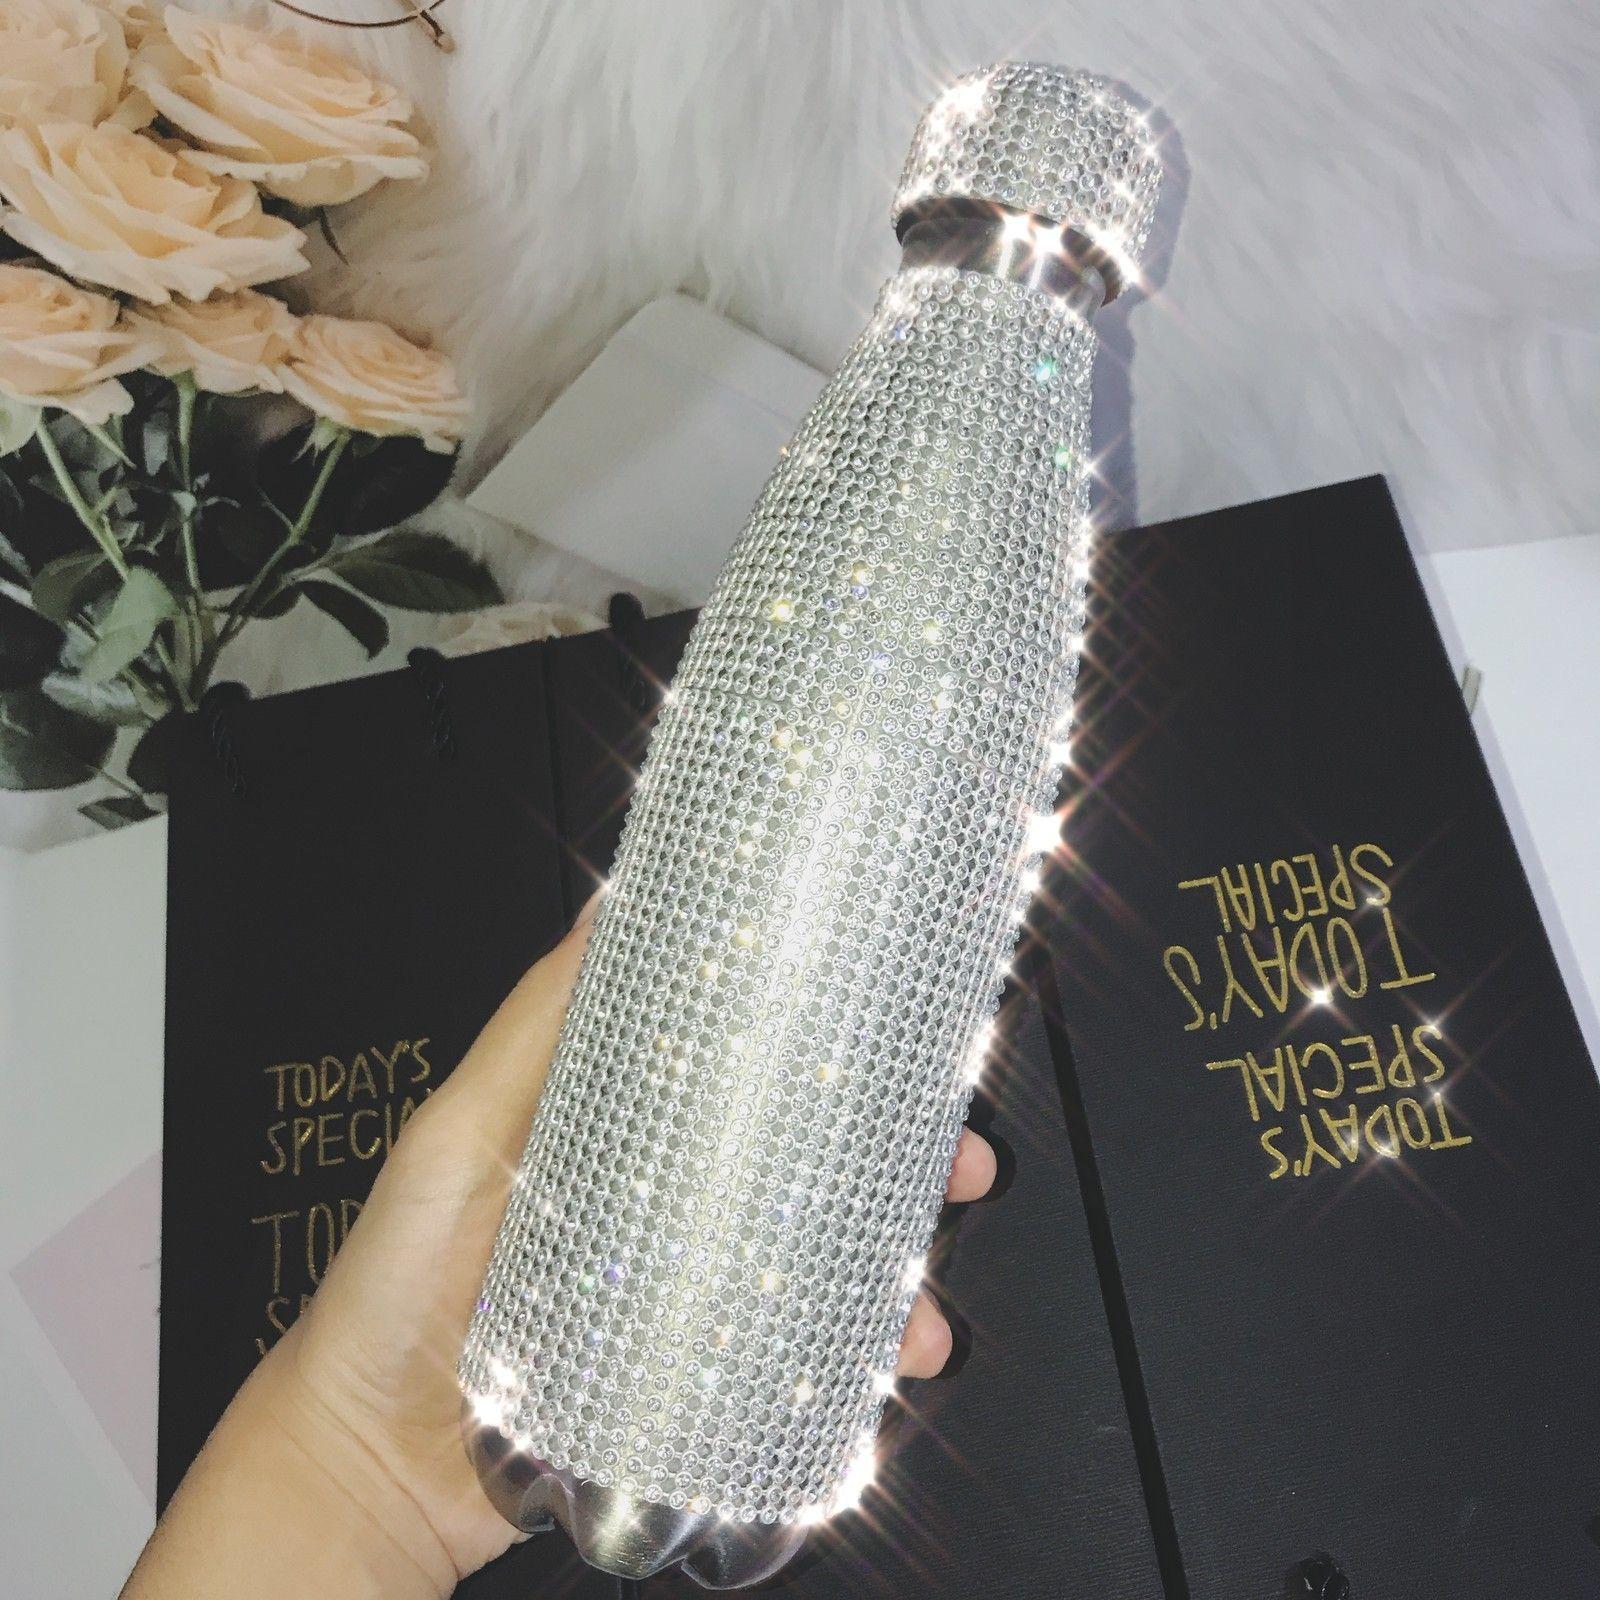 500 ml bouteille d'eau brillante avec strass thermos bouteille de bouteille en acier inoxydable thermos thermos tasse d'argent bouteille d'aspirateur de diamants 201126